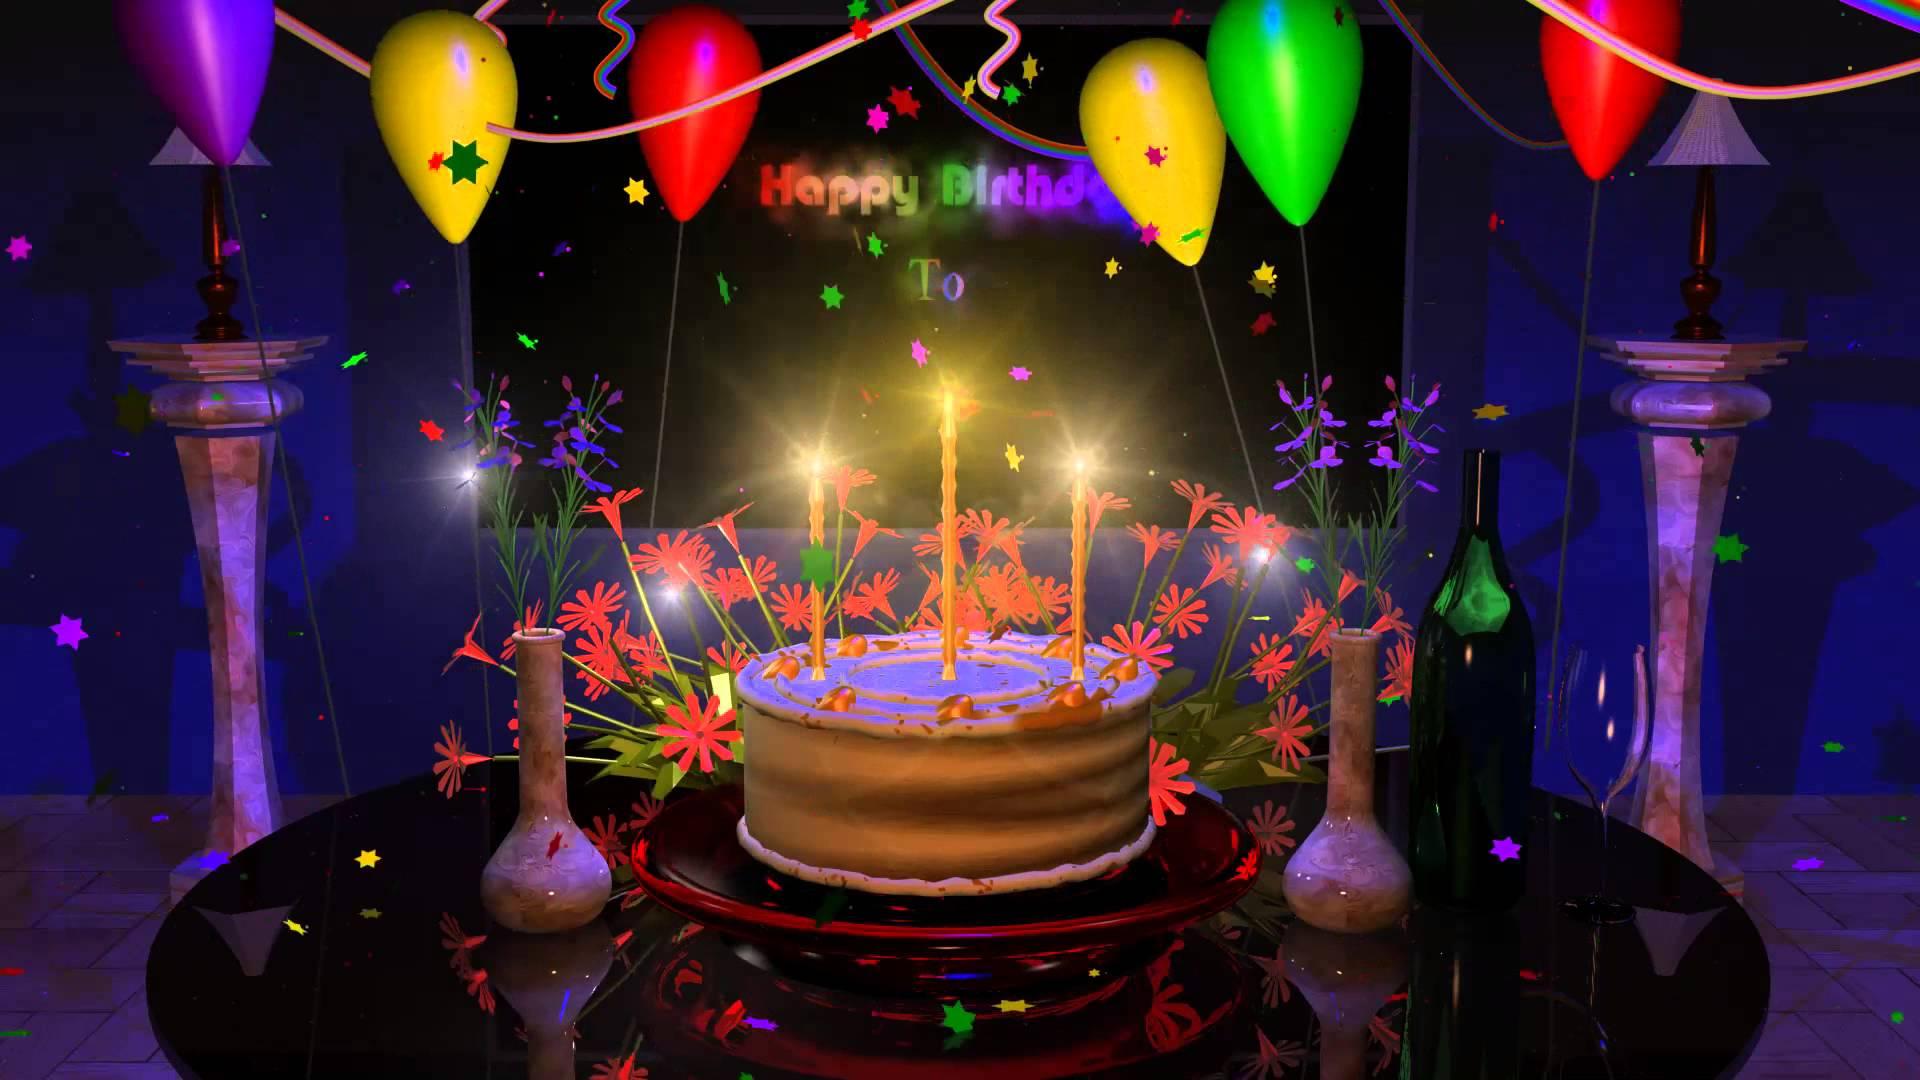 Поздравительная открытка с днем рождения на рабочий стол